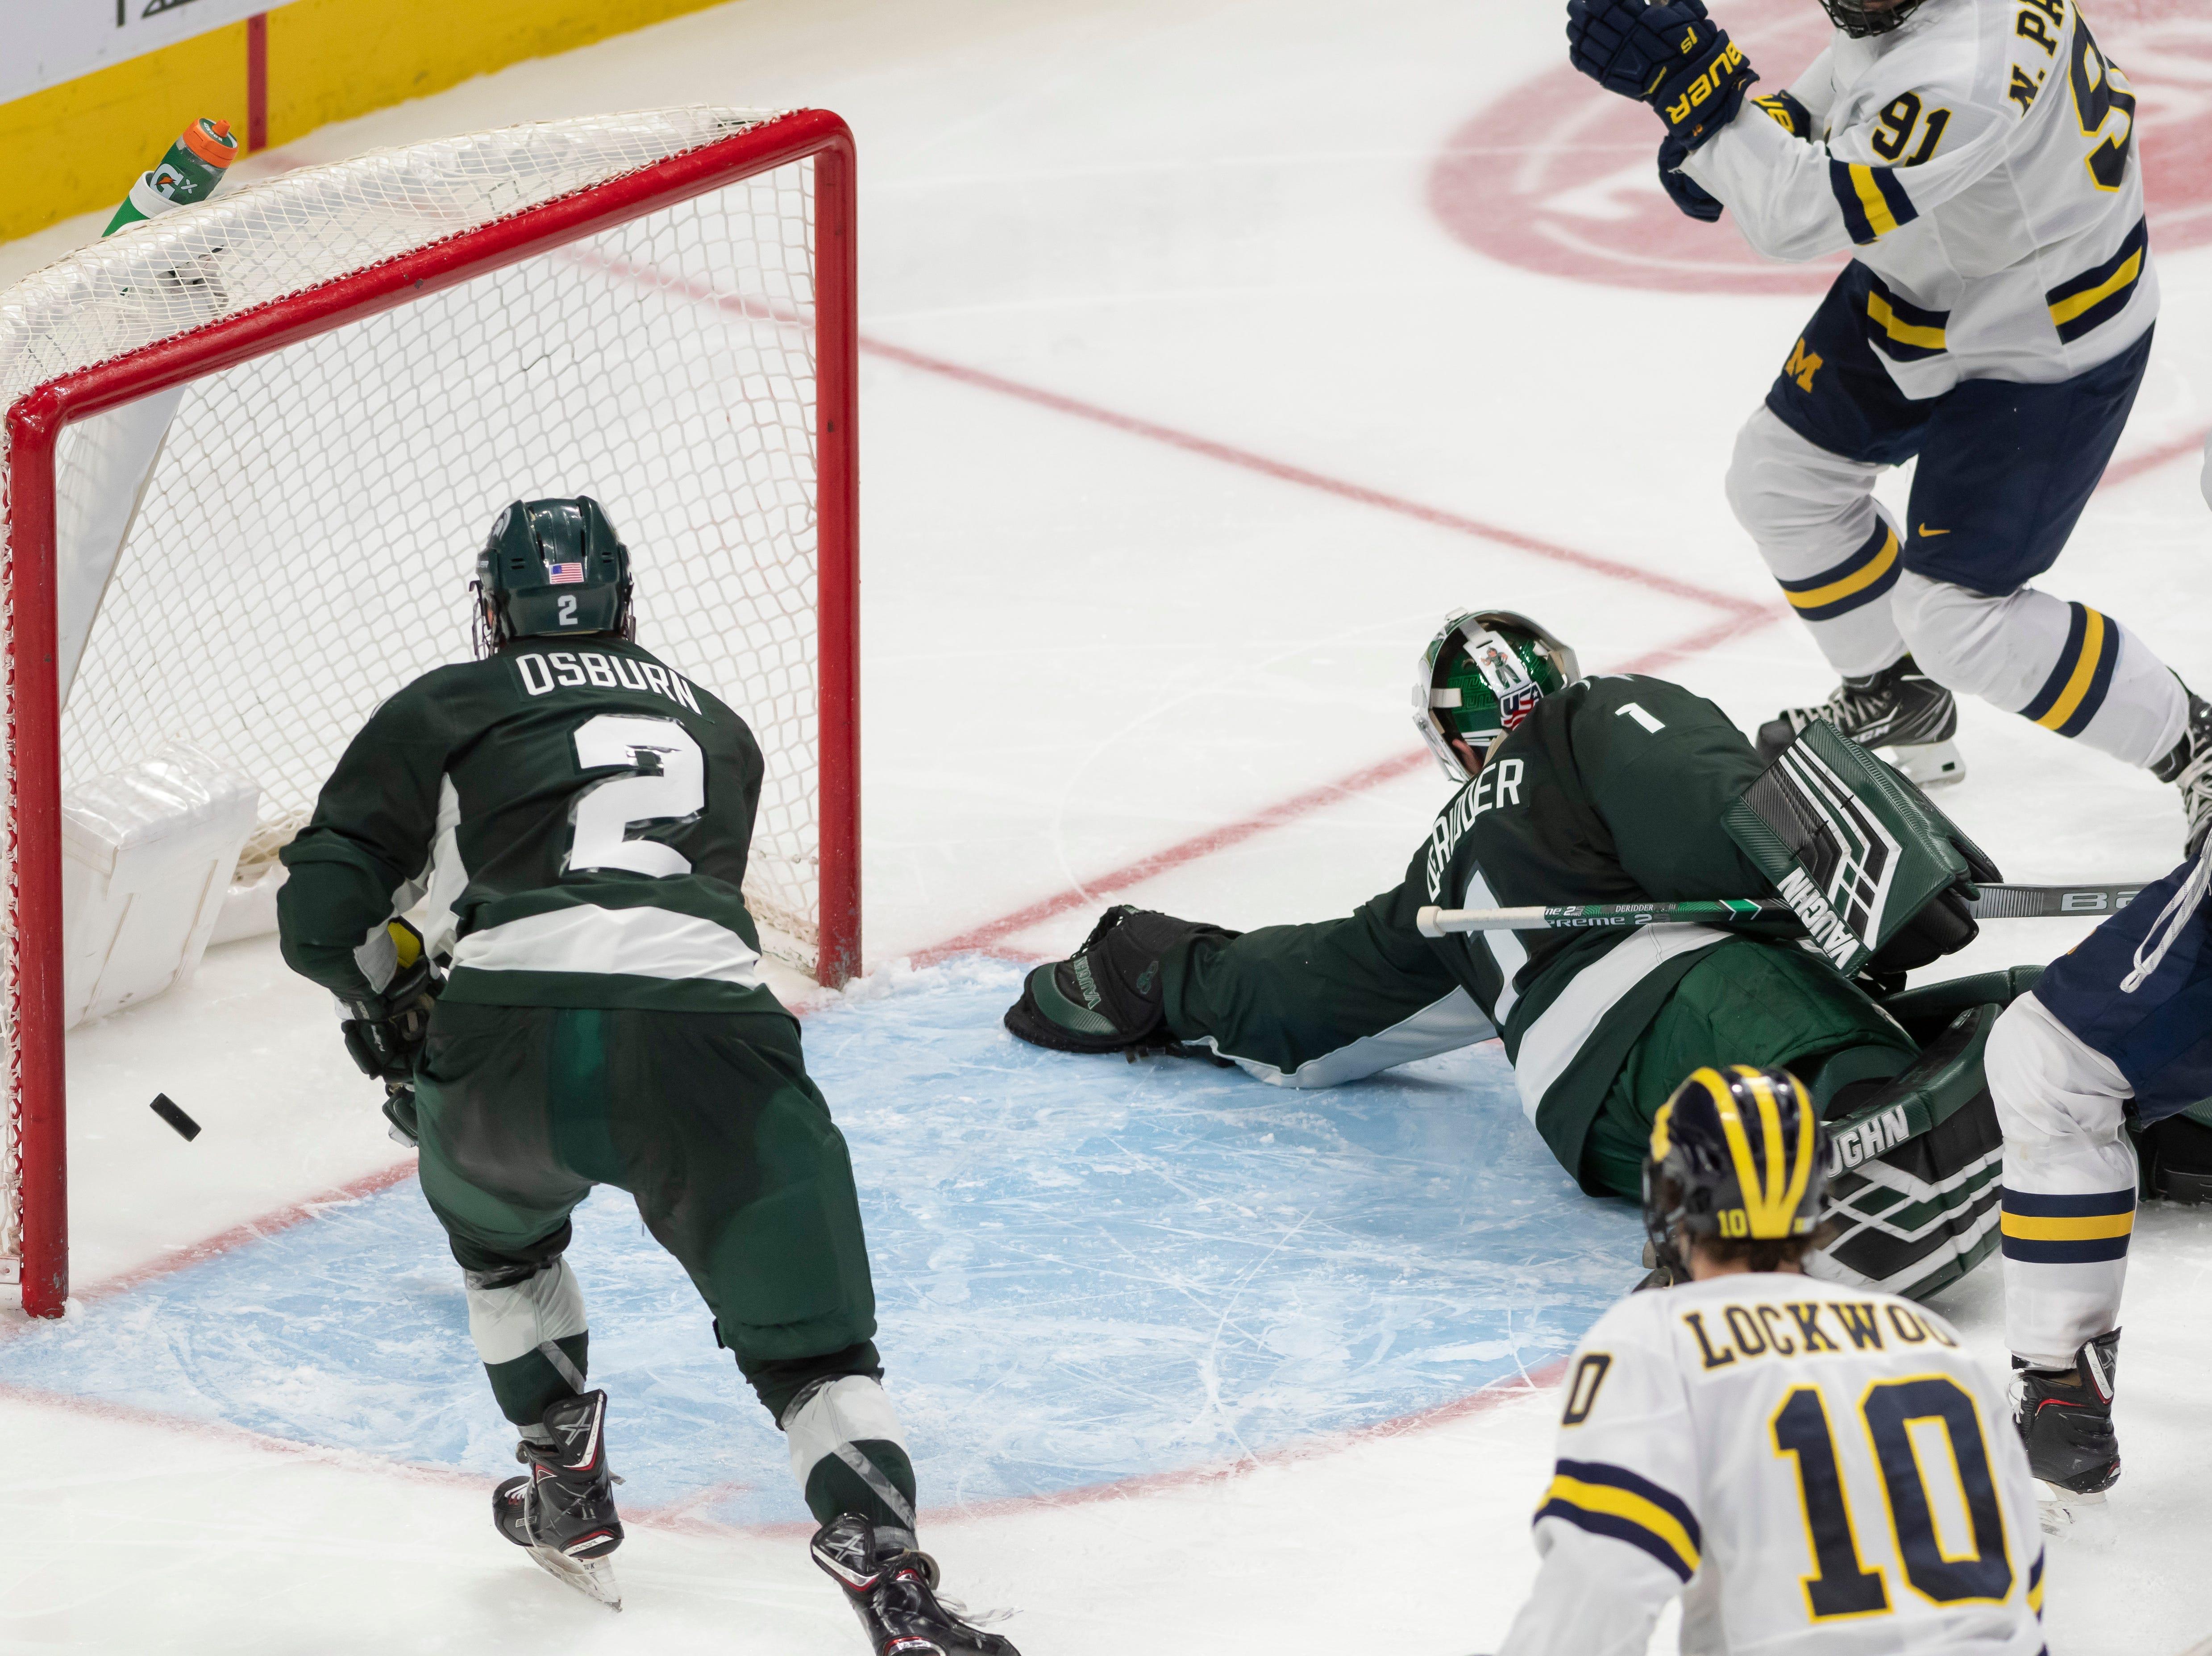 A goal by Michigan forward Nick Pastujov slips past Michigan State defenseman Zach Osburn and goaltender Drew DeRidder in the third period.